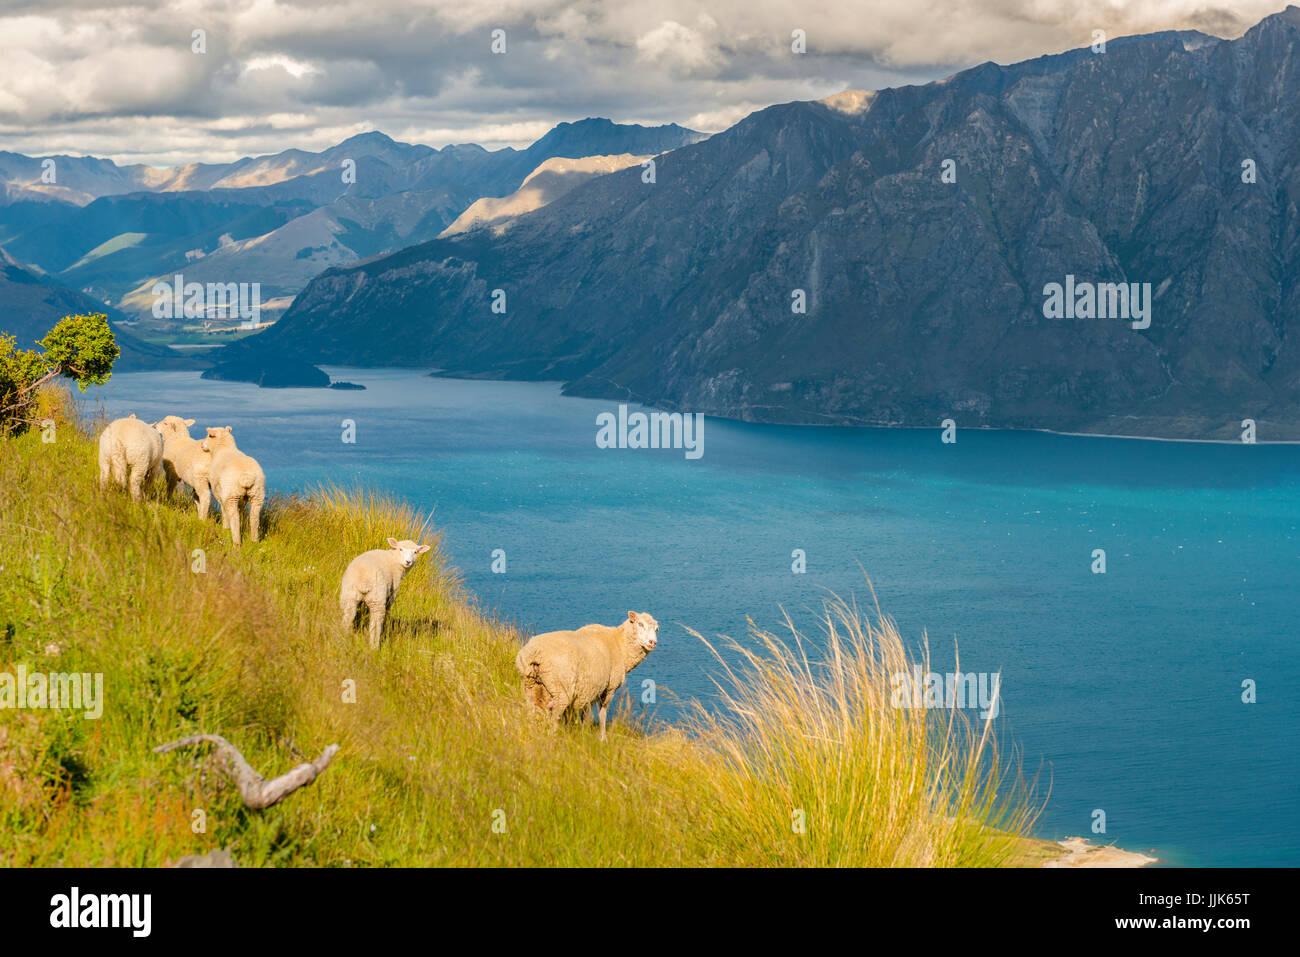 Schafe auf einer Wiese vor dem See Lake Hawea und Berg Panorama, Isthmus Peak Track, Otago, Südinsel, Neuseeland Stockbild